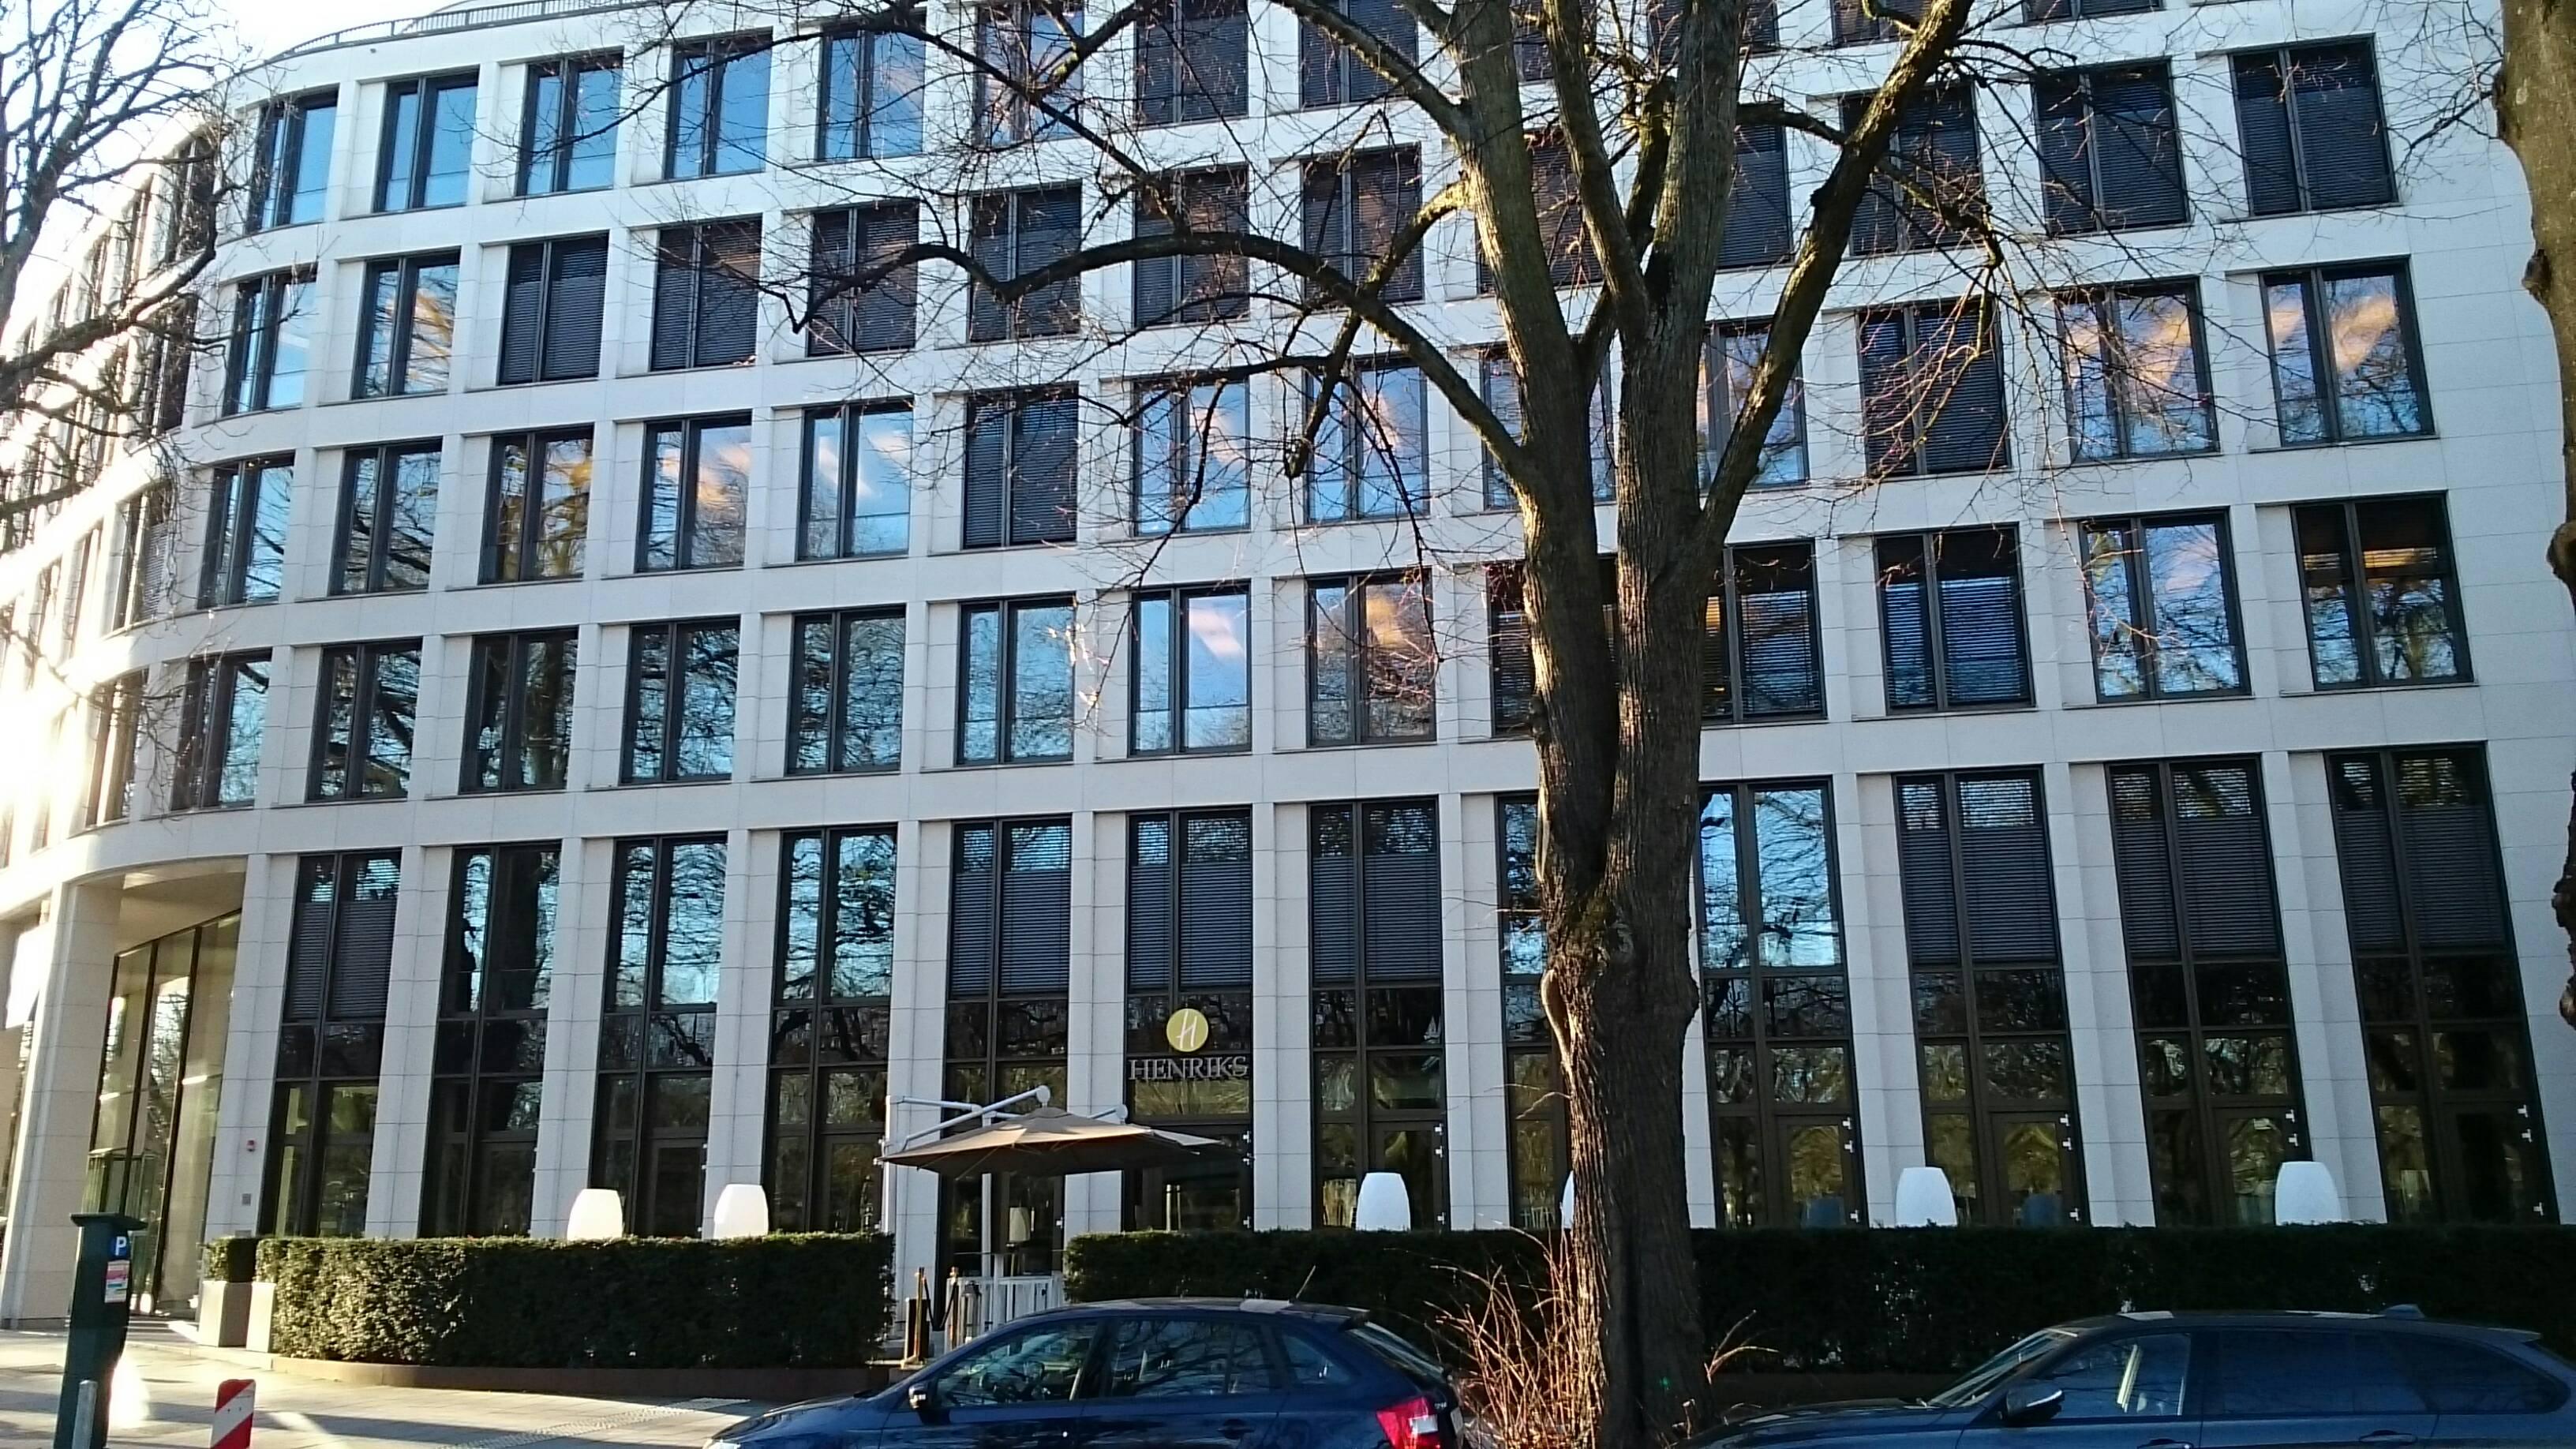 Henriks 20148 Hamburg Rotherbaum Offnungszeiten Adresse Telefon